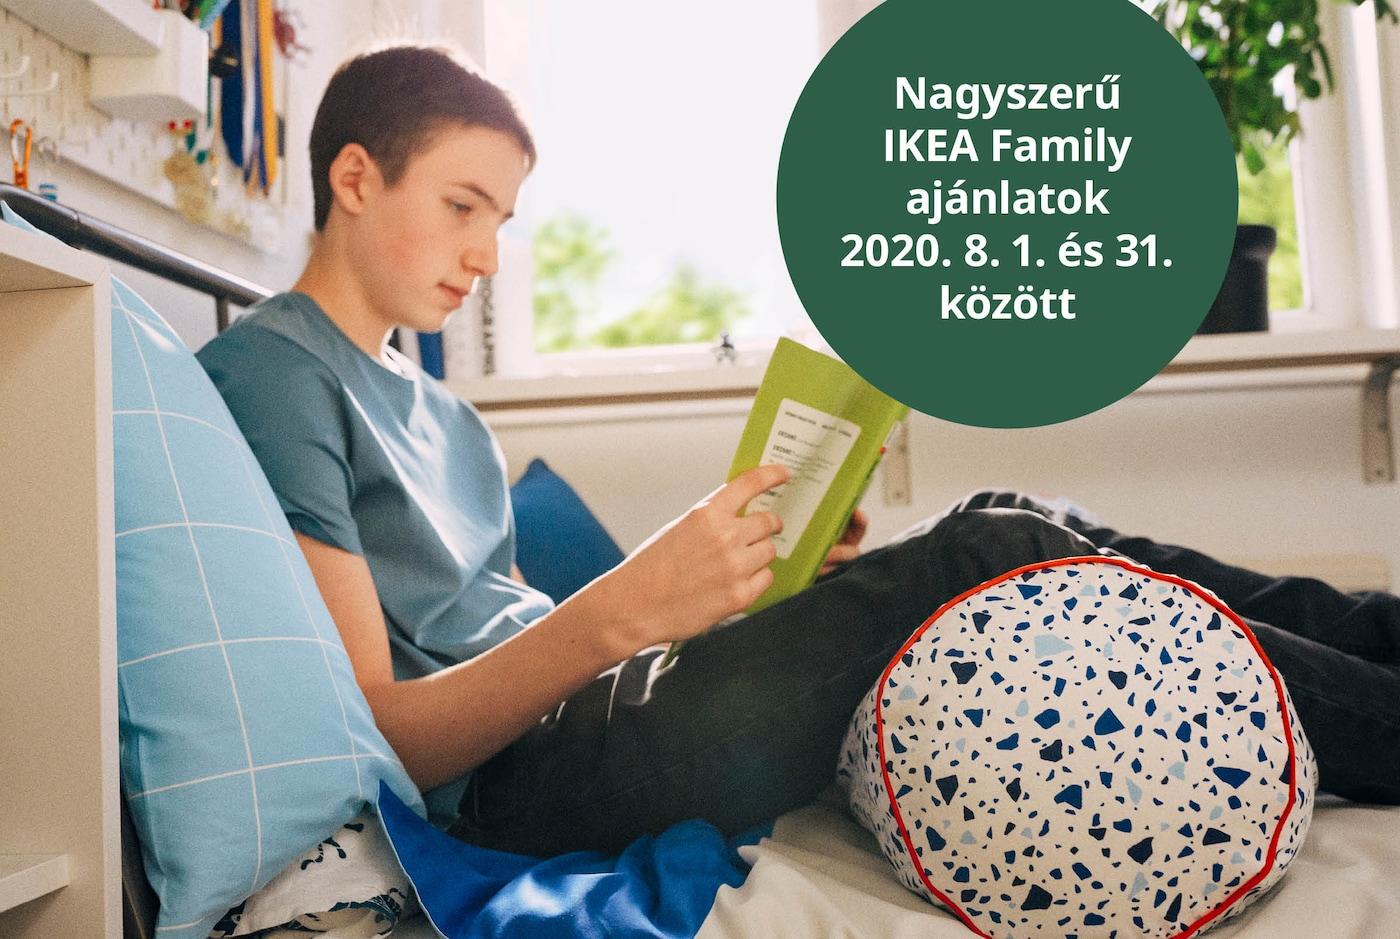 Iskolás gyerek olvas az ágyában, háta a párnának döntve, lábai alatt egy MÖJLIGHET díszpárna.